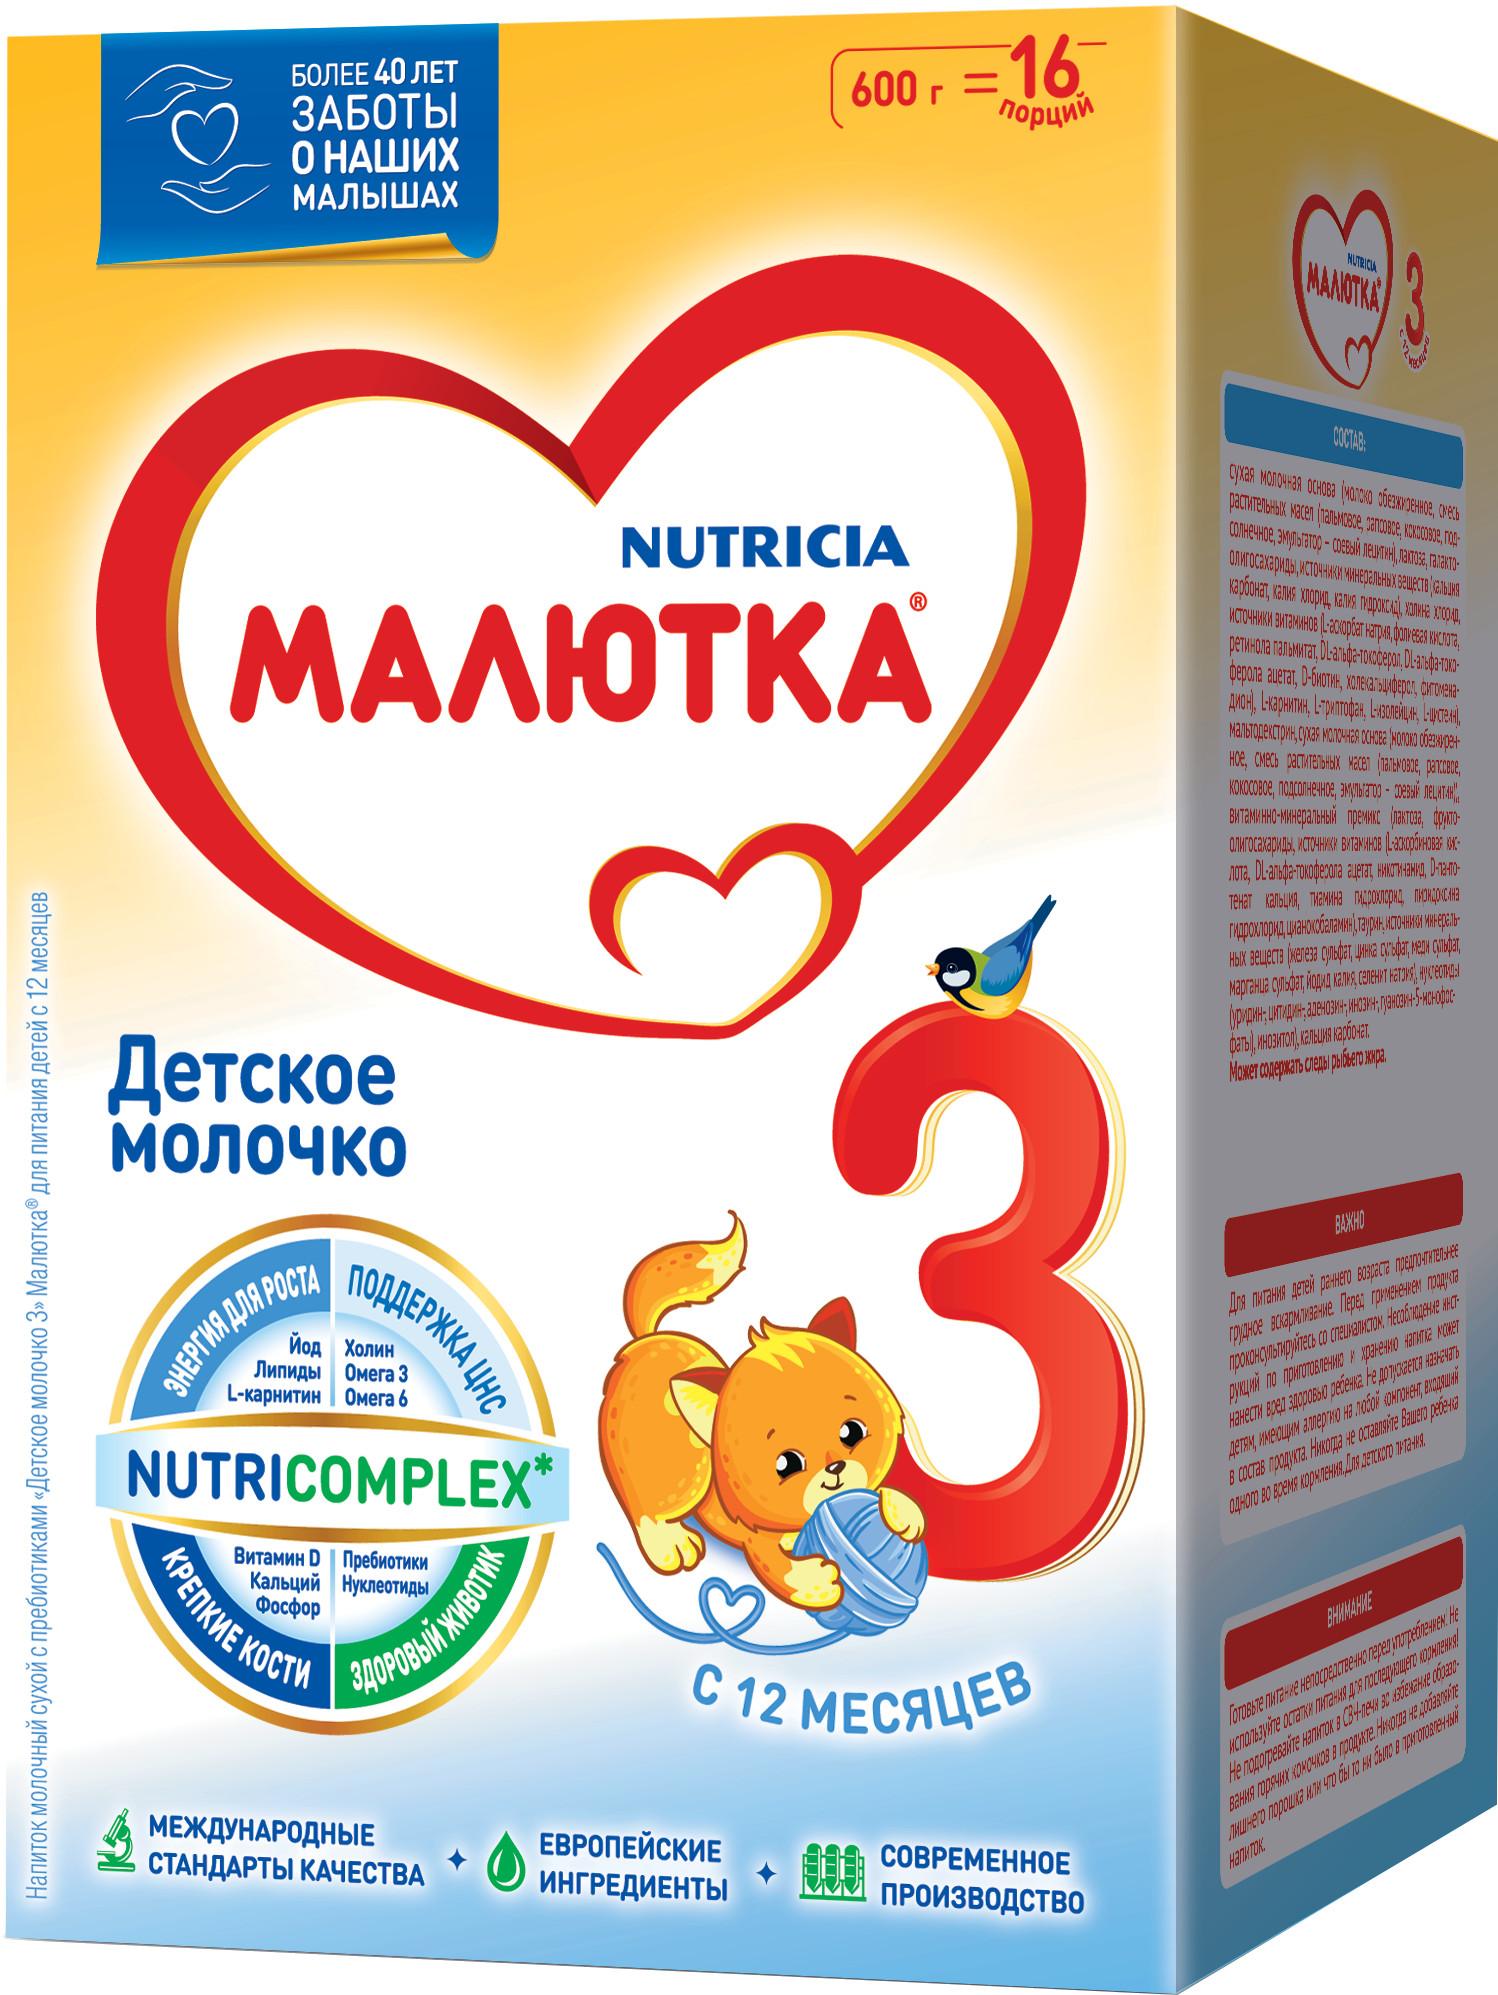 Сухие Малютка Детское молочко Малютка 3 с 12 мес. 600 г детское молочко малютка 4 700 г